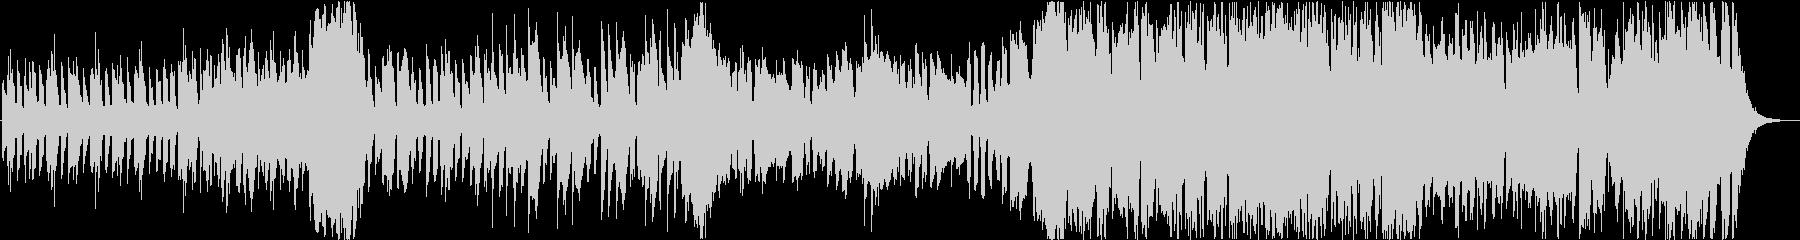 可愛らしくメルヘンな木琴BGMの未再生の波形